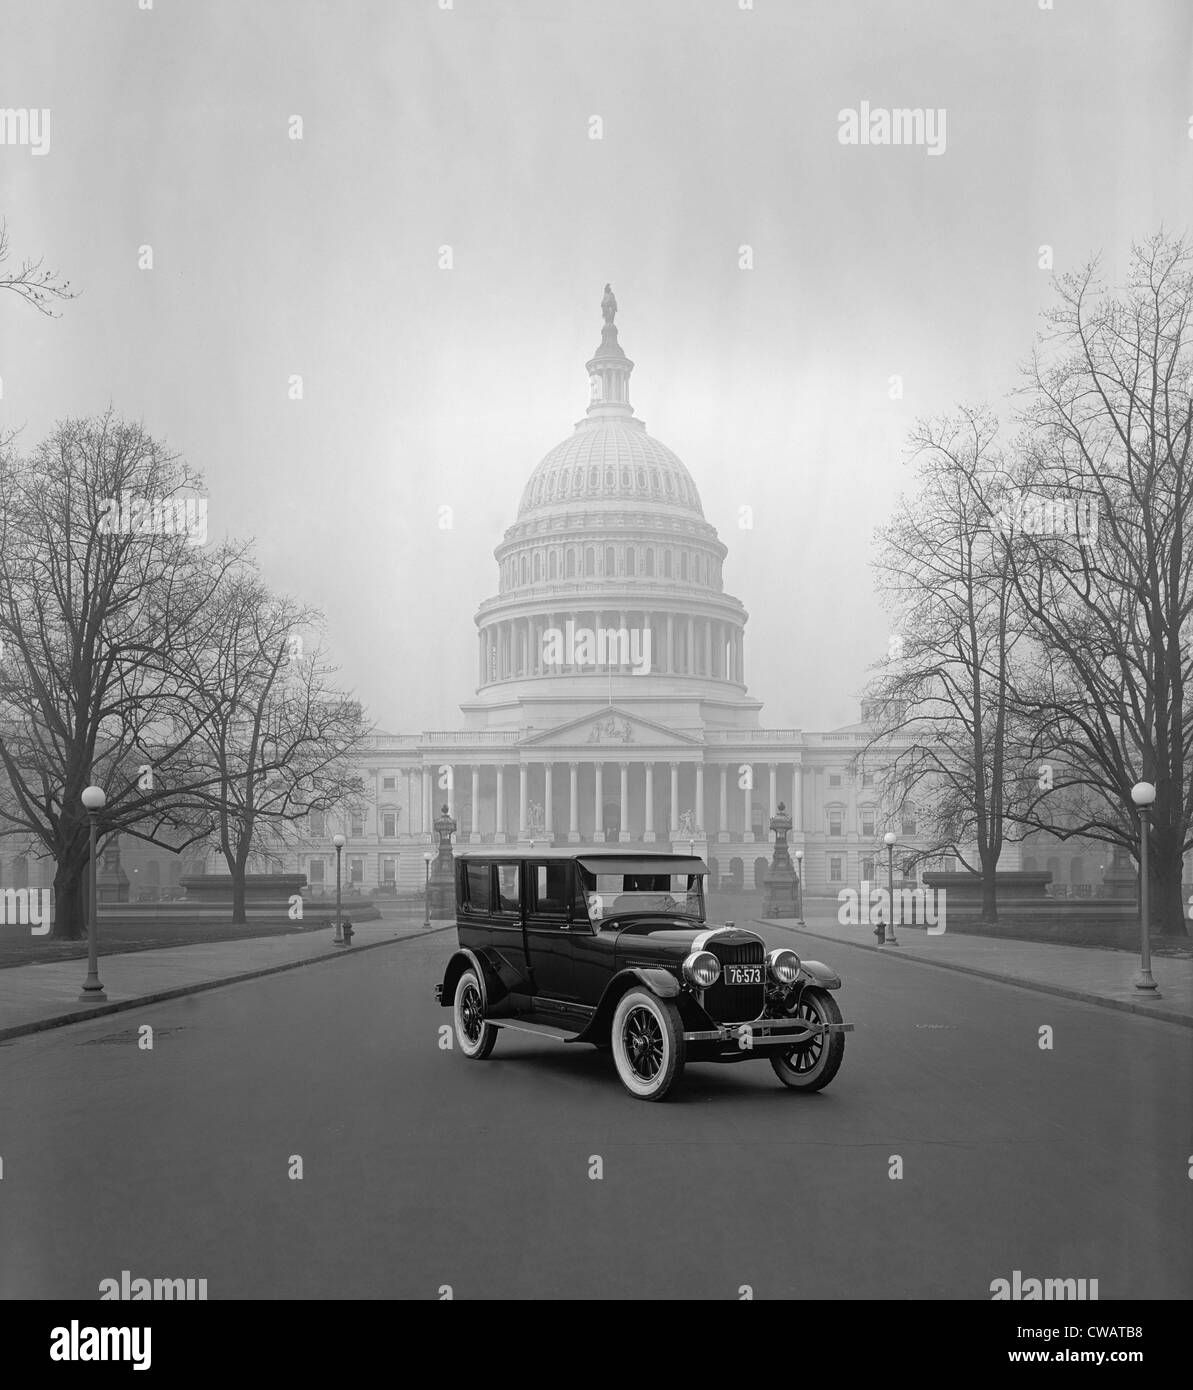 Ford Motor Company de automóviles de lujo, Lincoln, en el Capitolio en Washington, D.C., este techo rígido Imagen De Stock